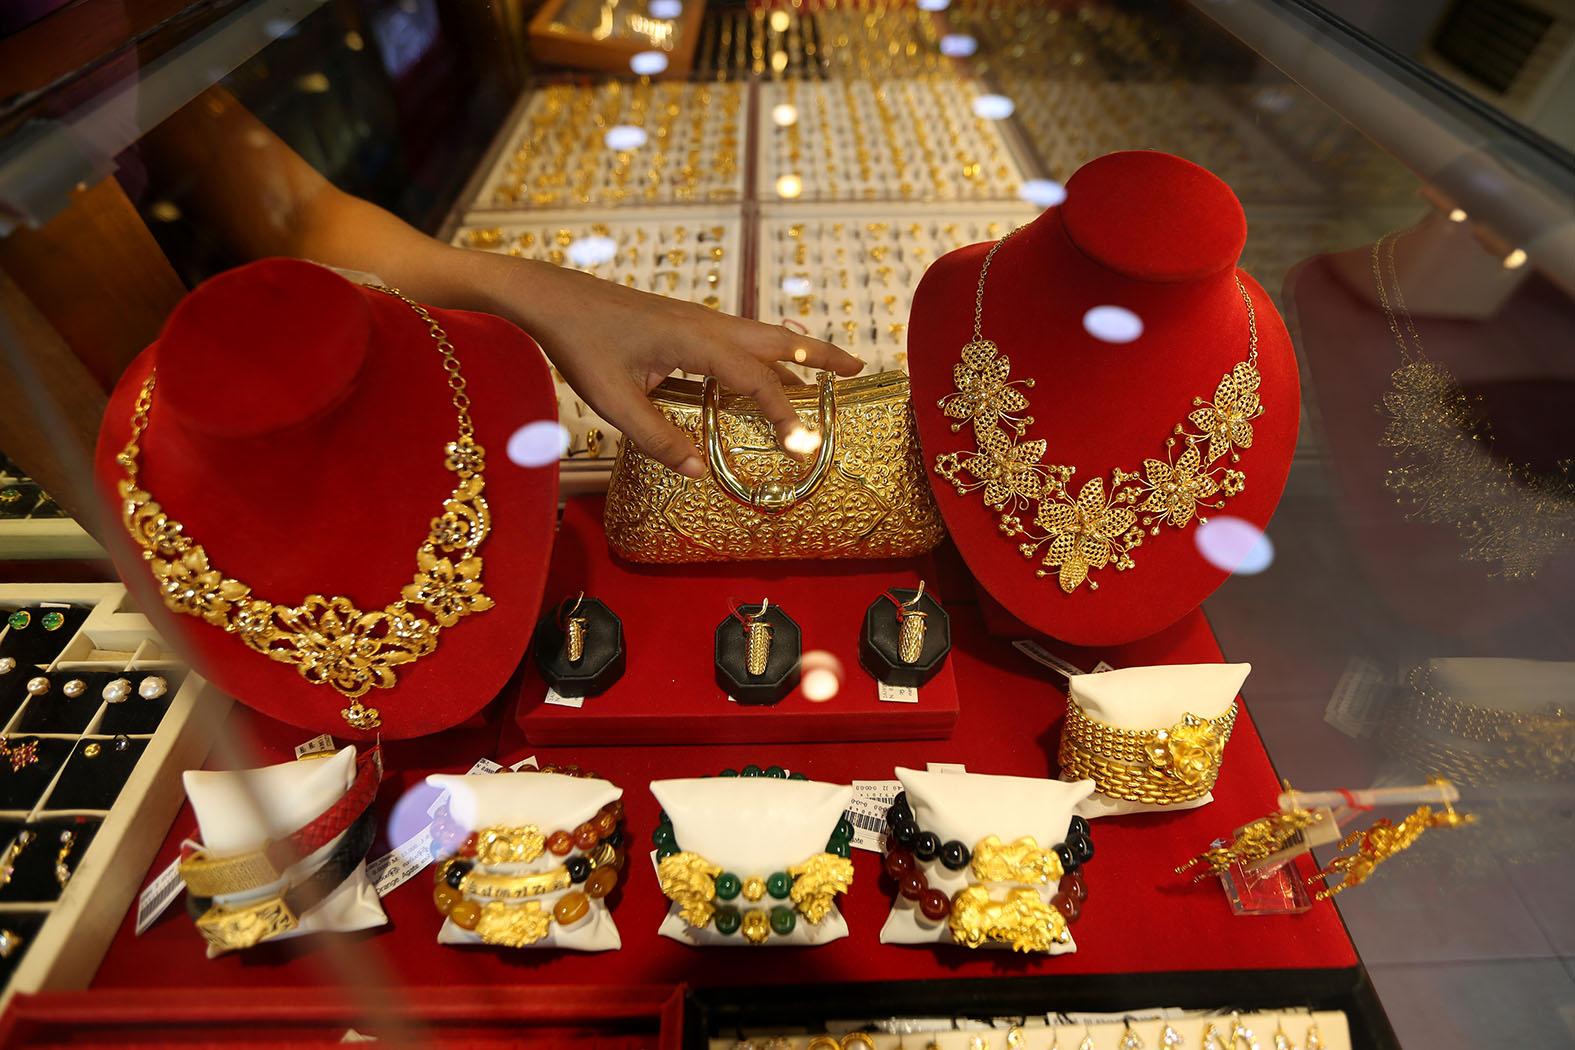 """Золото будет править миром: Срочно меняем доллары на """"ювелирку""""?"""